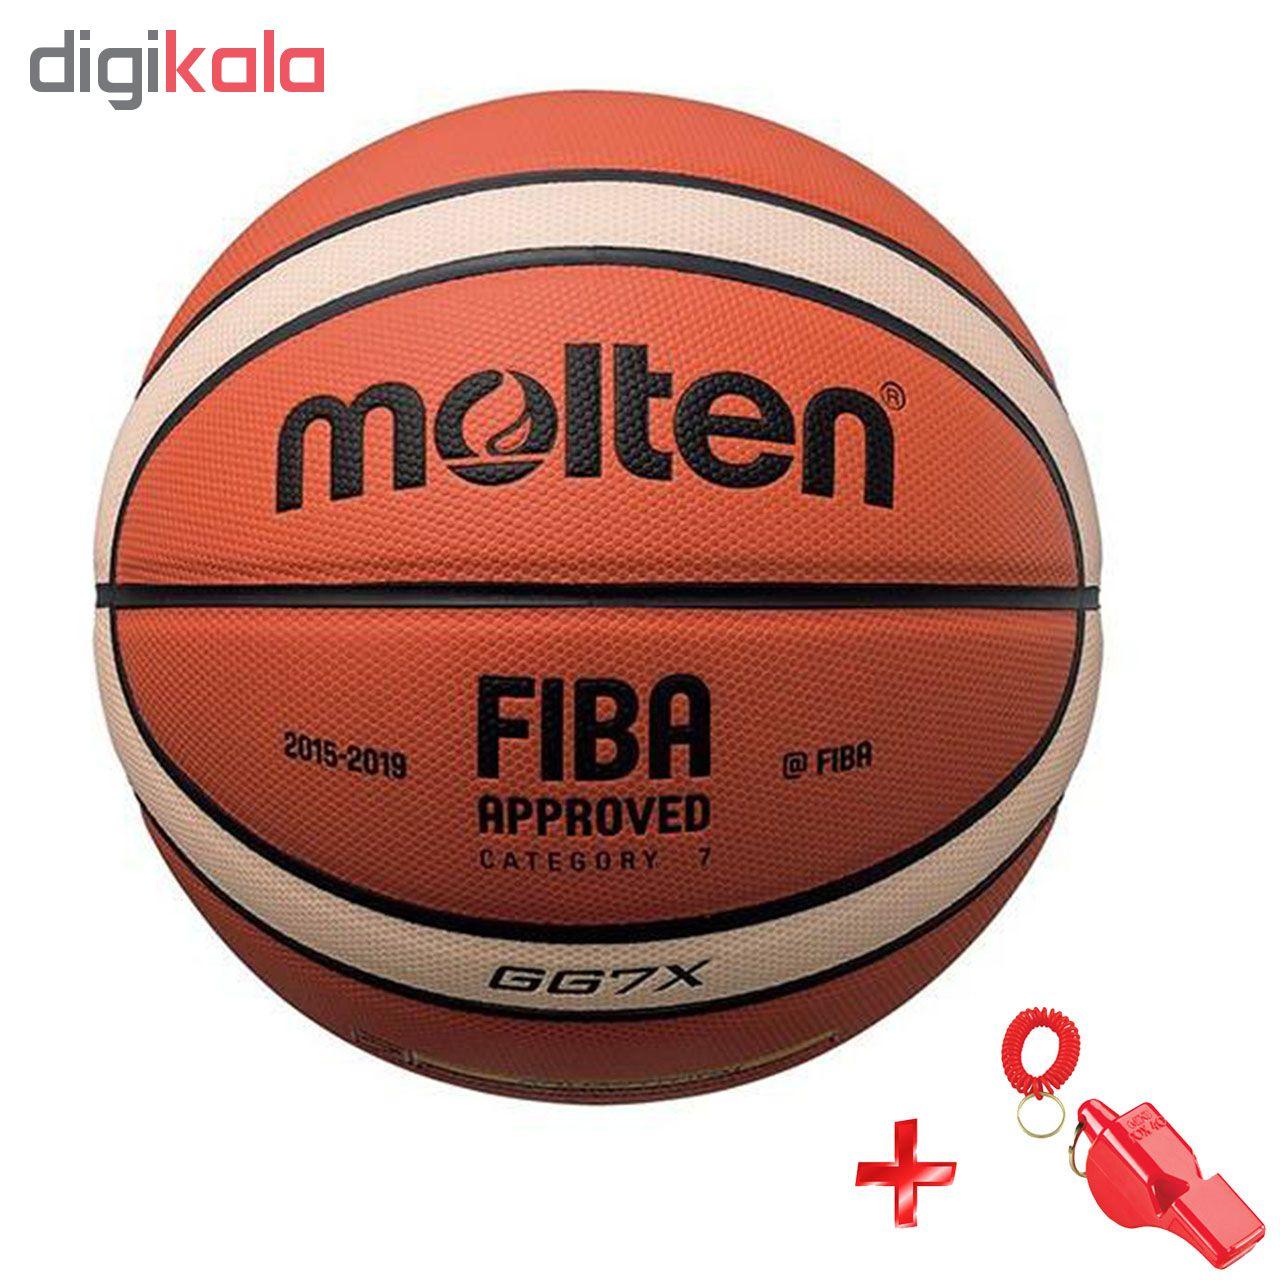 توپ بسکتبال مولتن مدل GG7X با تاییدیه فدراسیون به همراه سوت ورزشی سایز 7